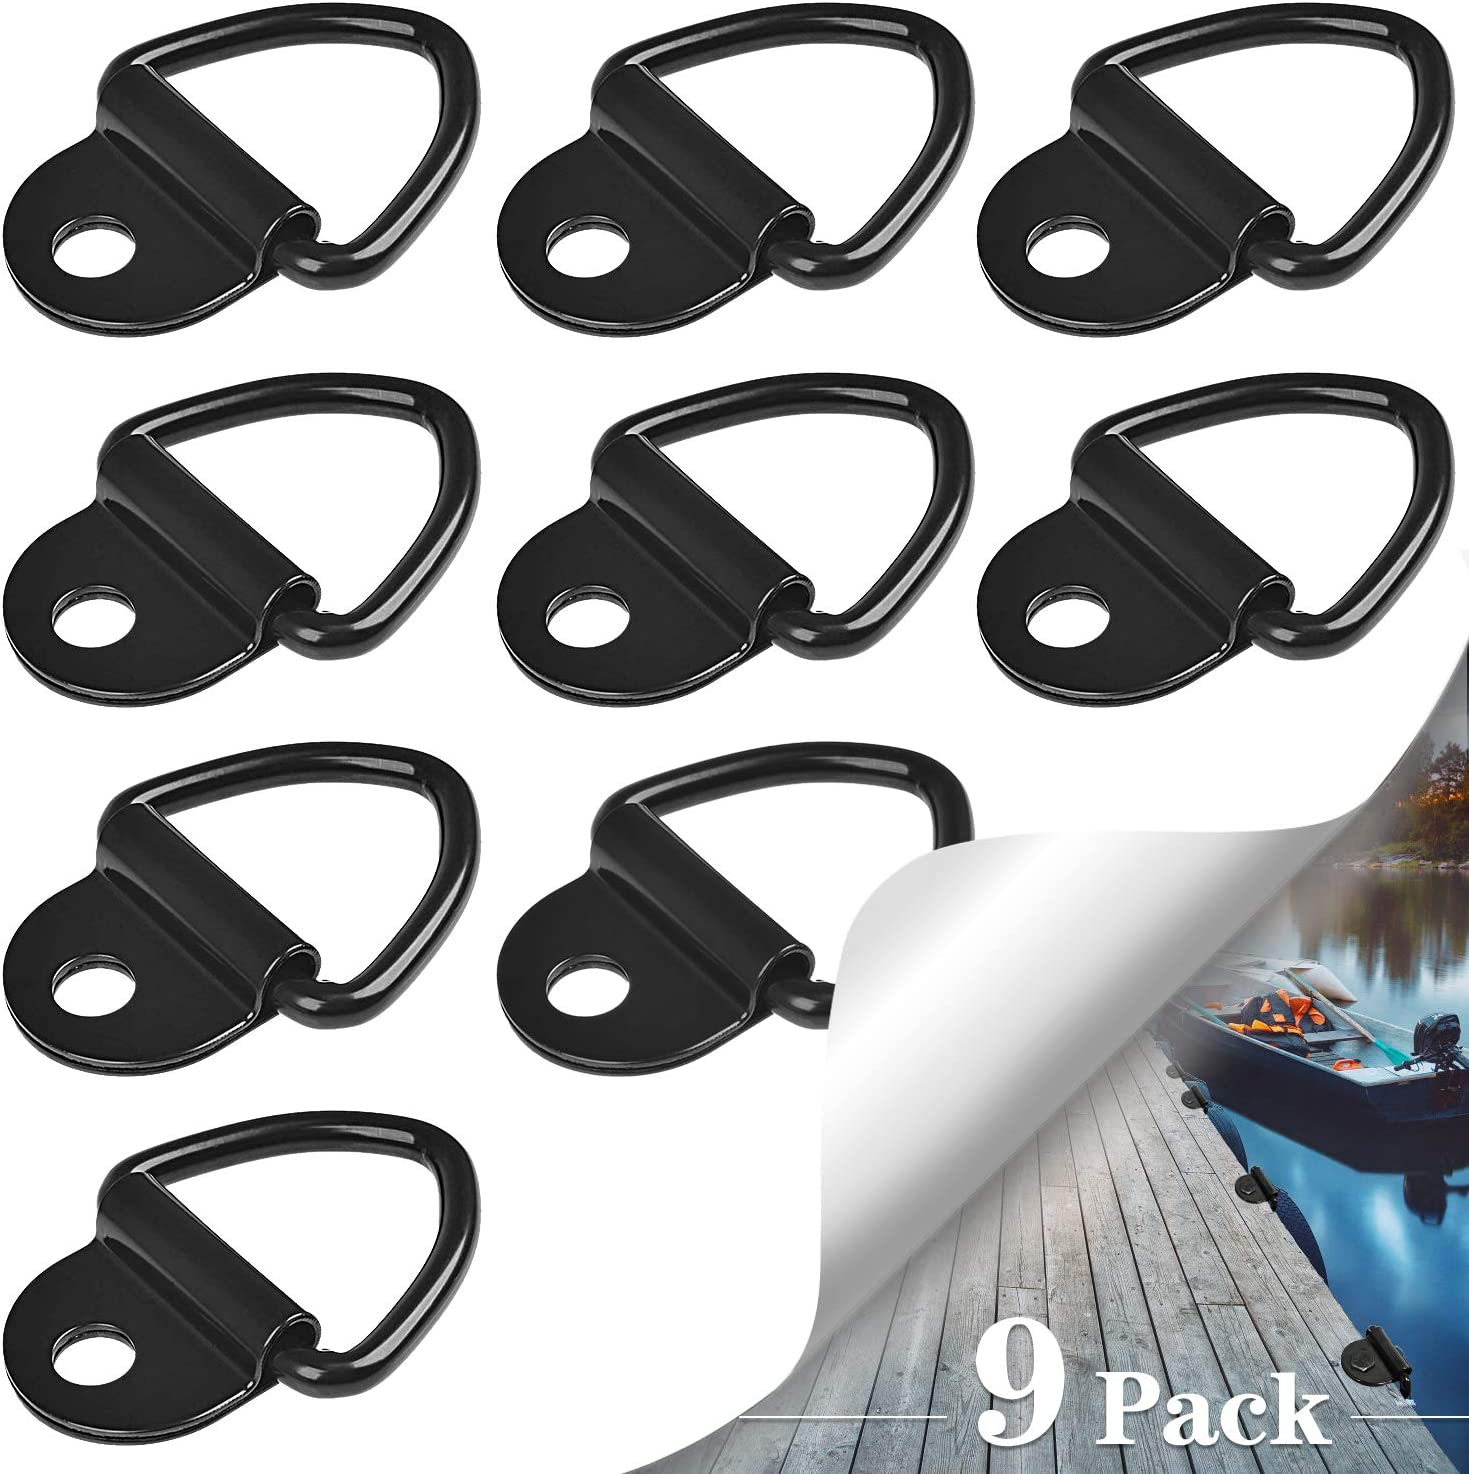 SANTOO 9 PCS Argollas de Amarre, V-Rings Gancho Pernos de Anillo en D Máximo 400kg para Remolques, Camiones, Barcos y Almacenes